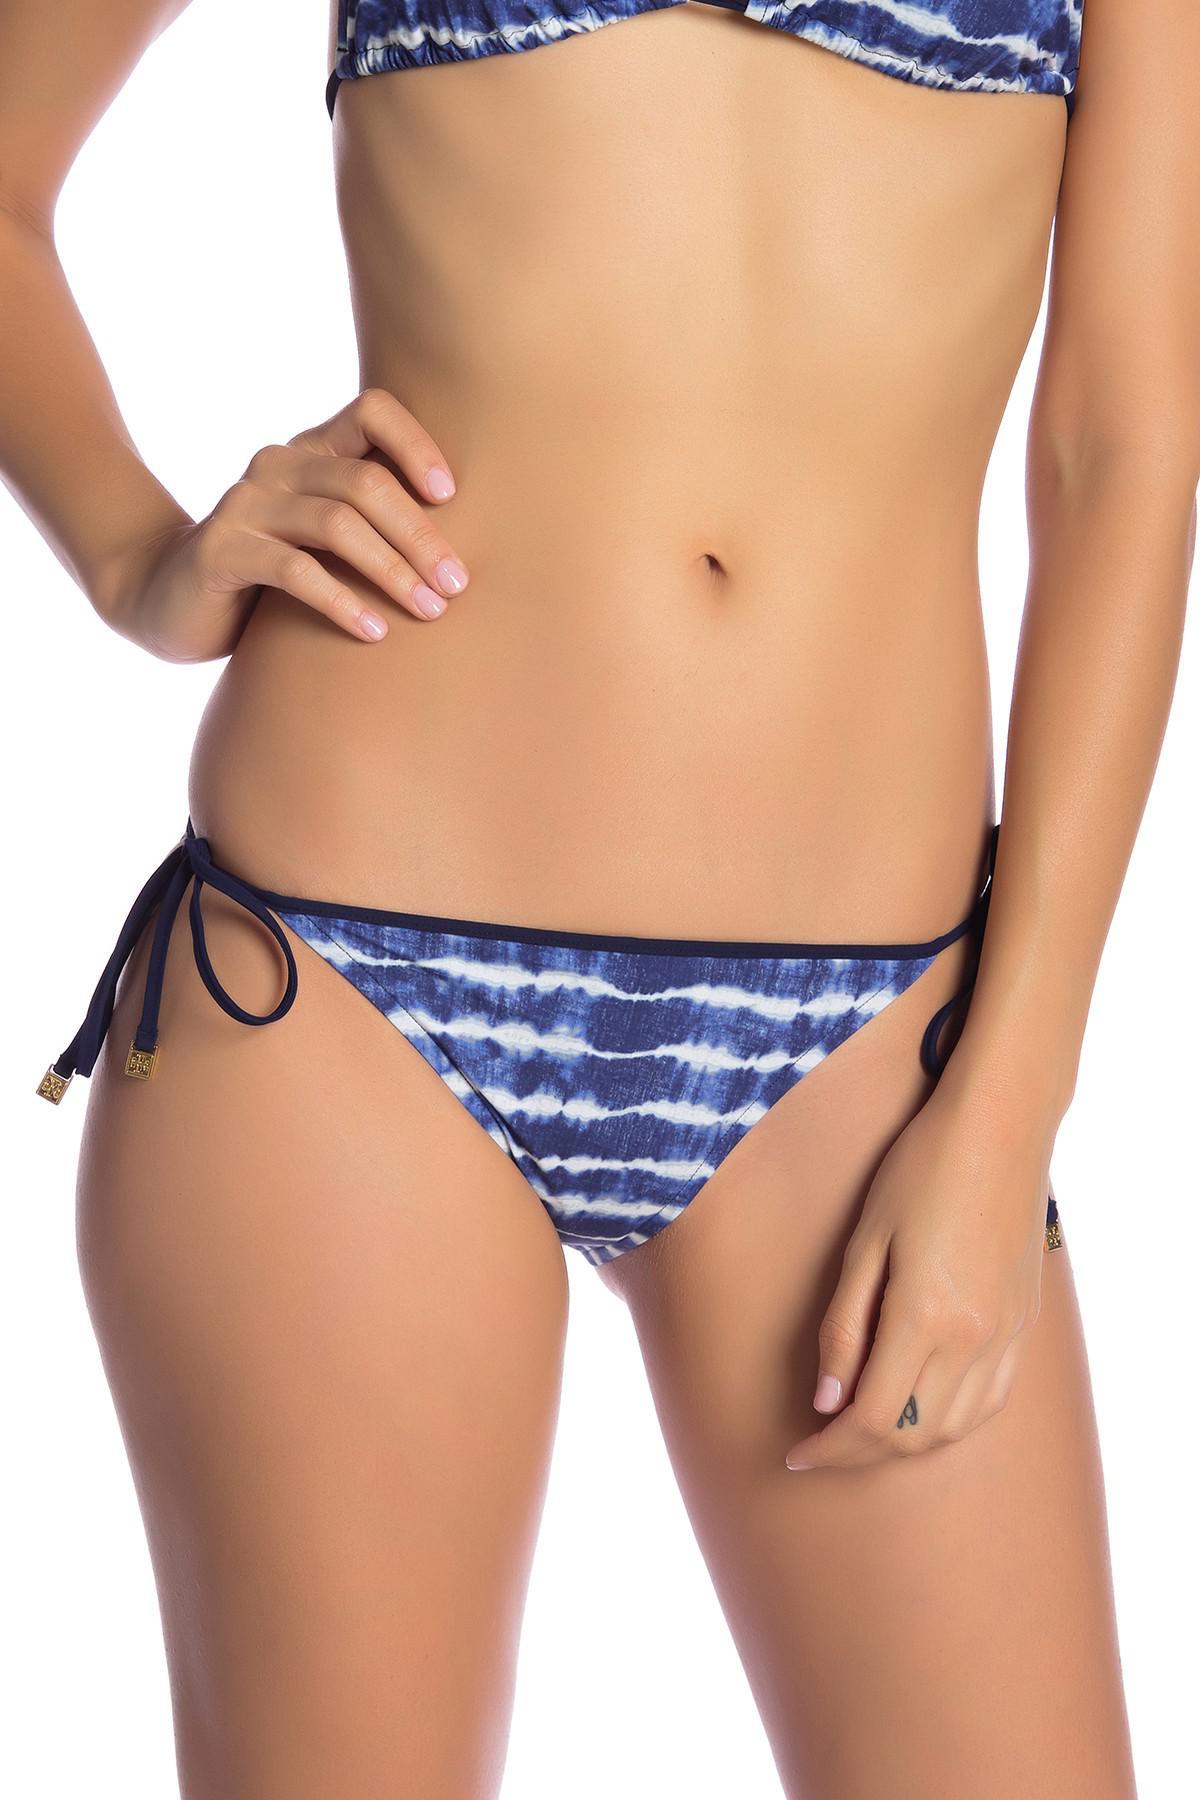 c54b9f8c23 Lyst - Tory Burch Tie-dye String Bikini Bottom in Blue